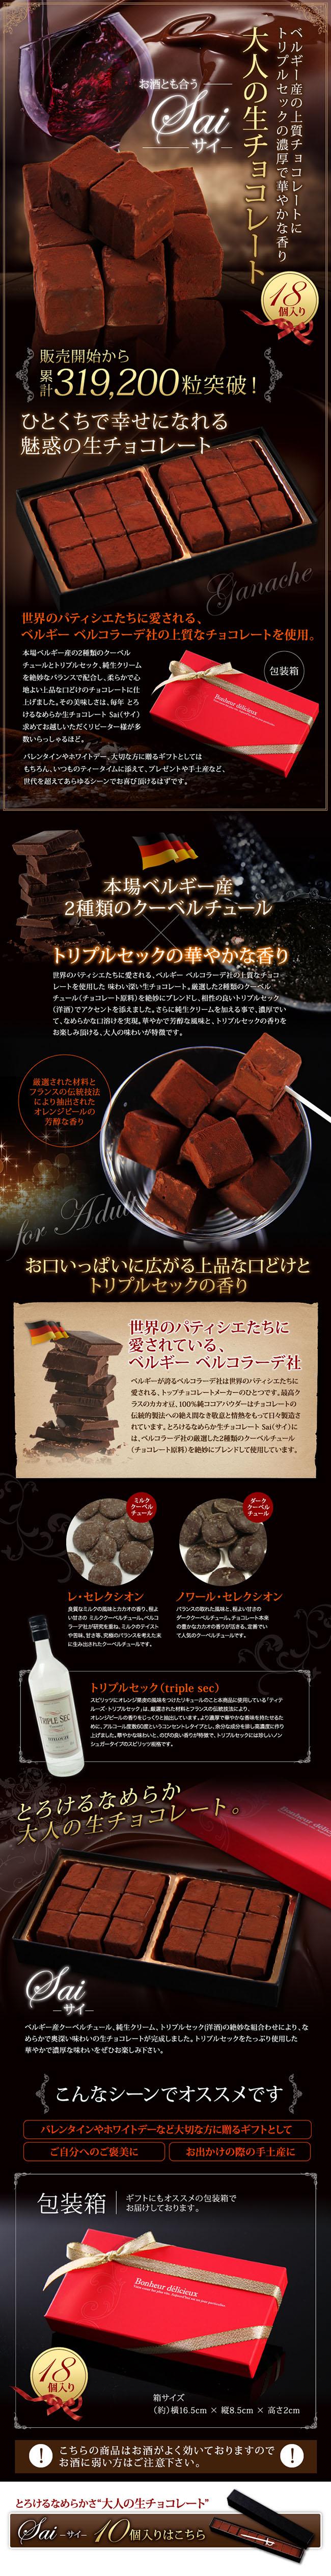 大人の生チョコレート Sai~サイ~